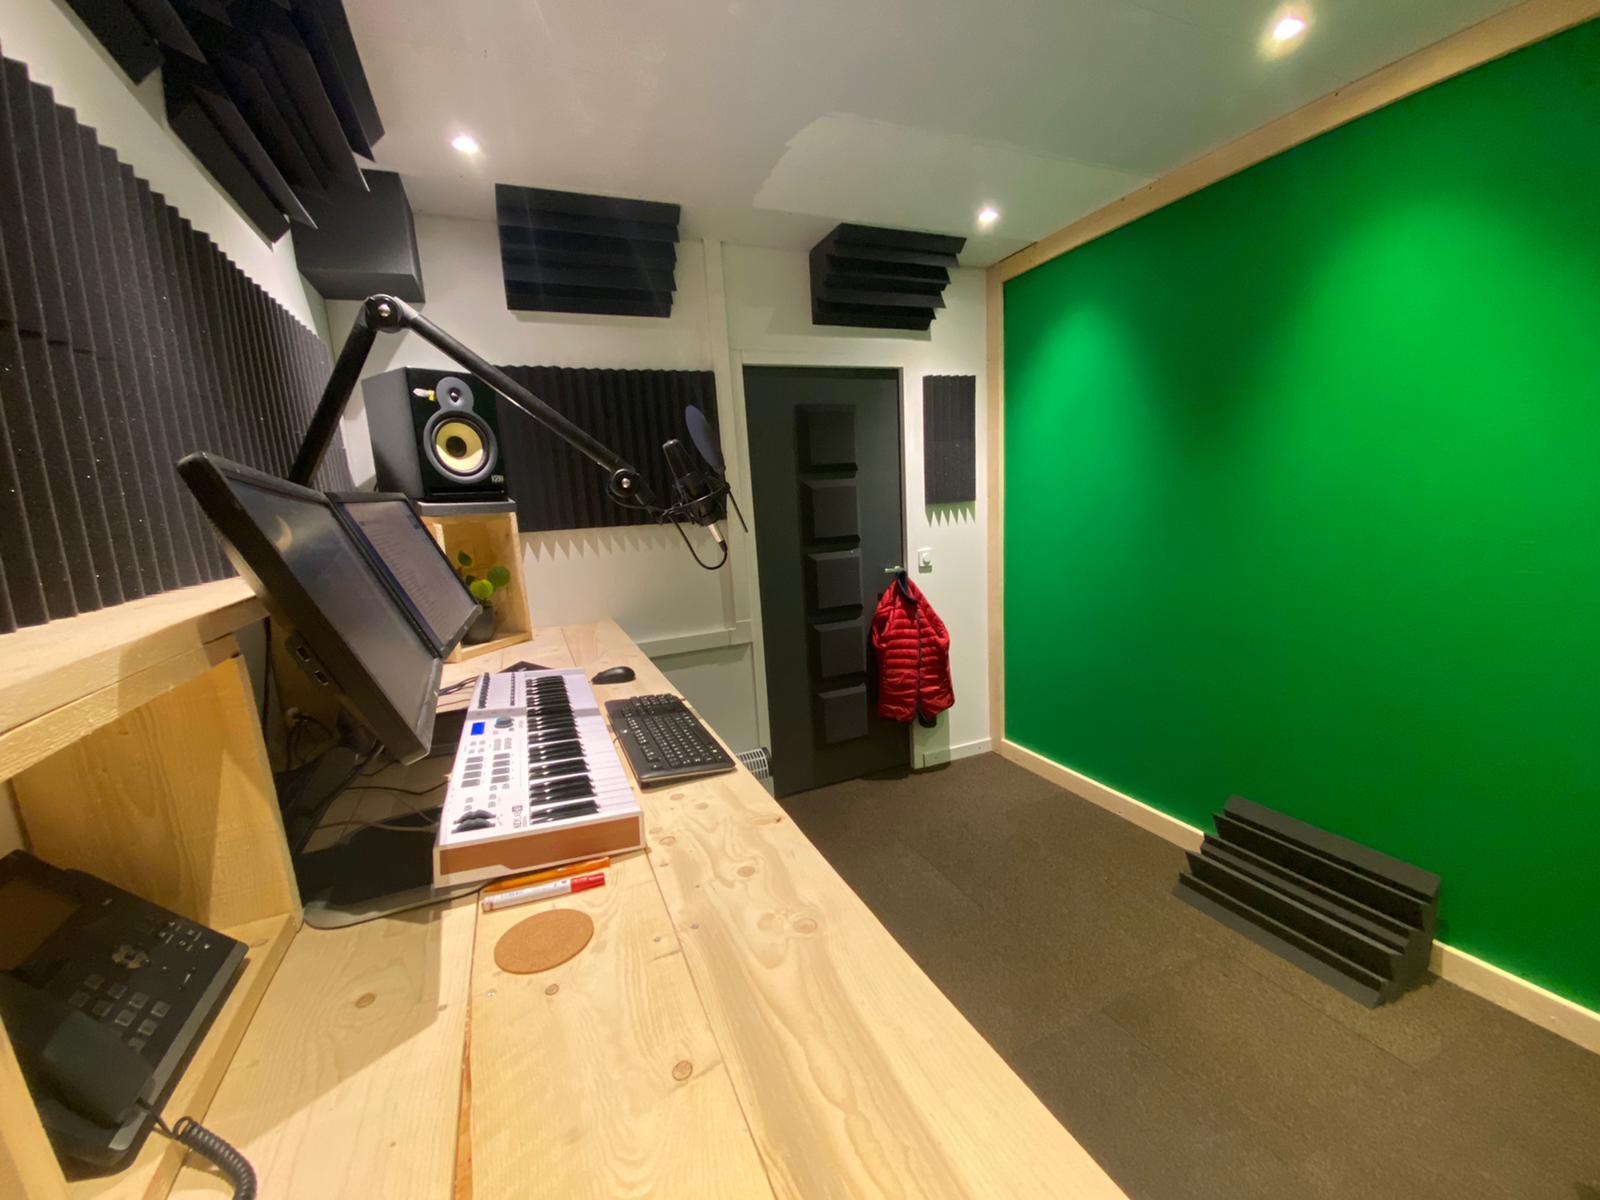 Muziek studio Sittard bass traps, wedges, monitor pads